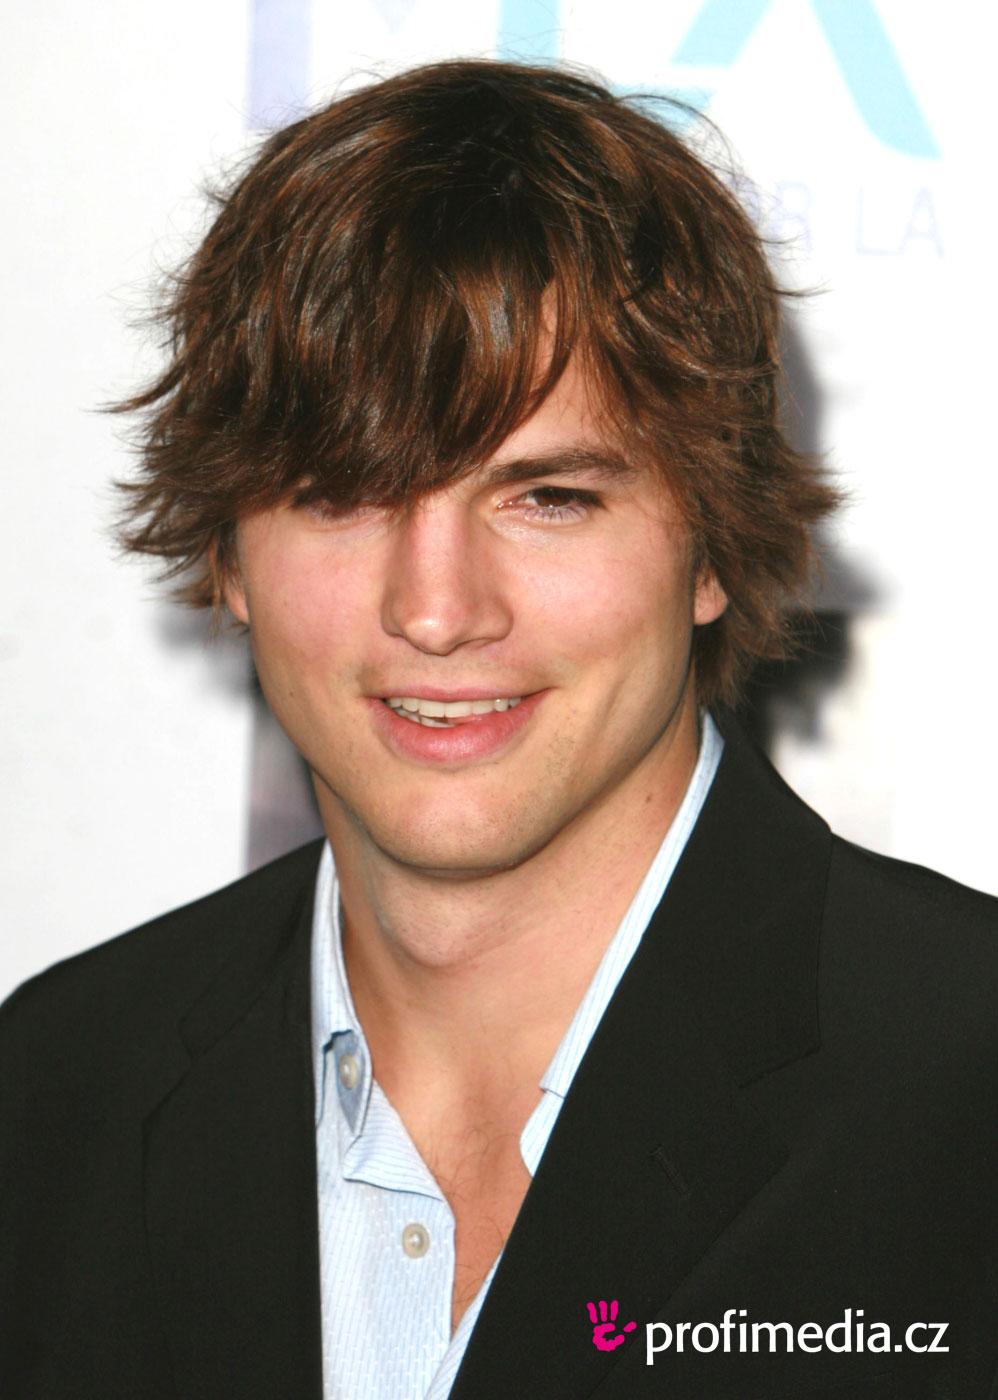 Prom hairstyle - Ashton Kutcher - Ashton Kutcher